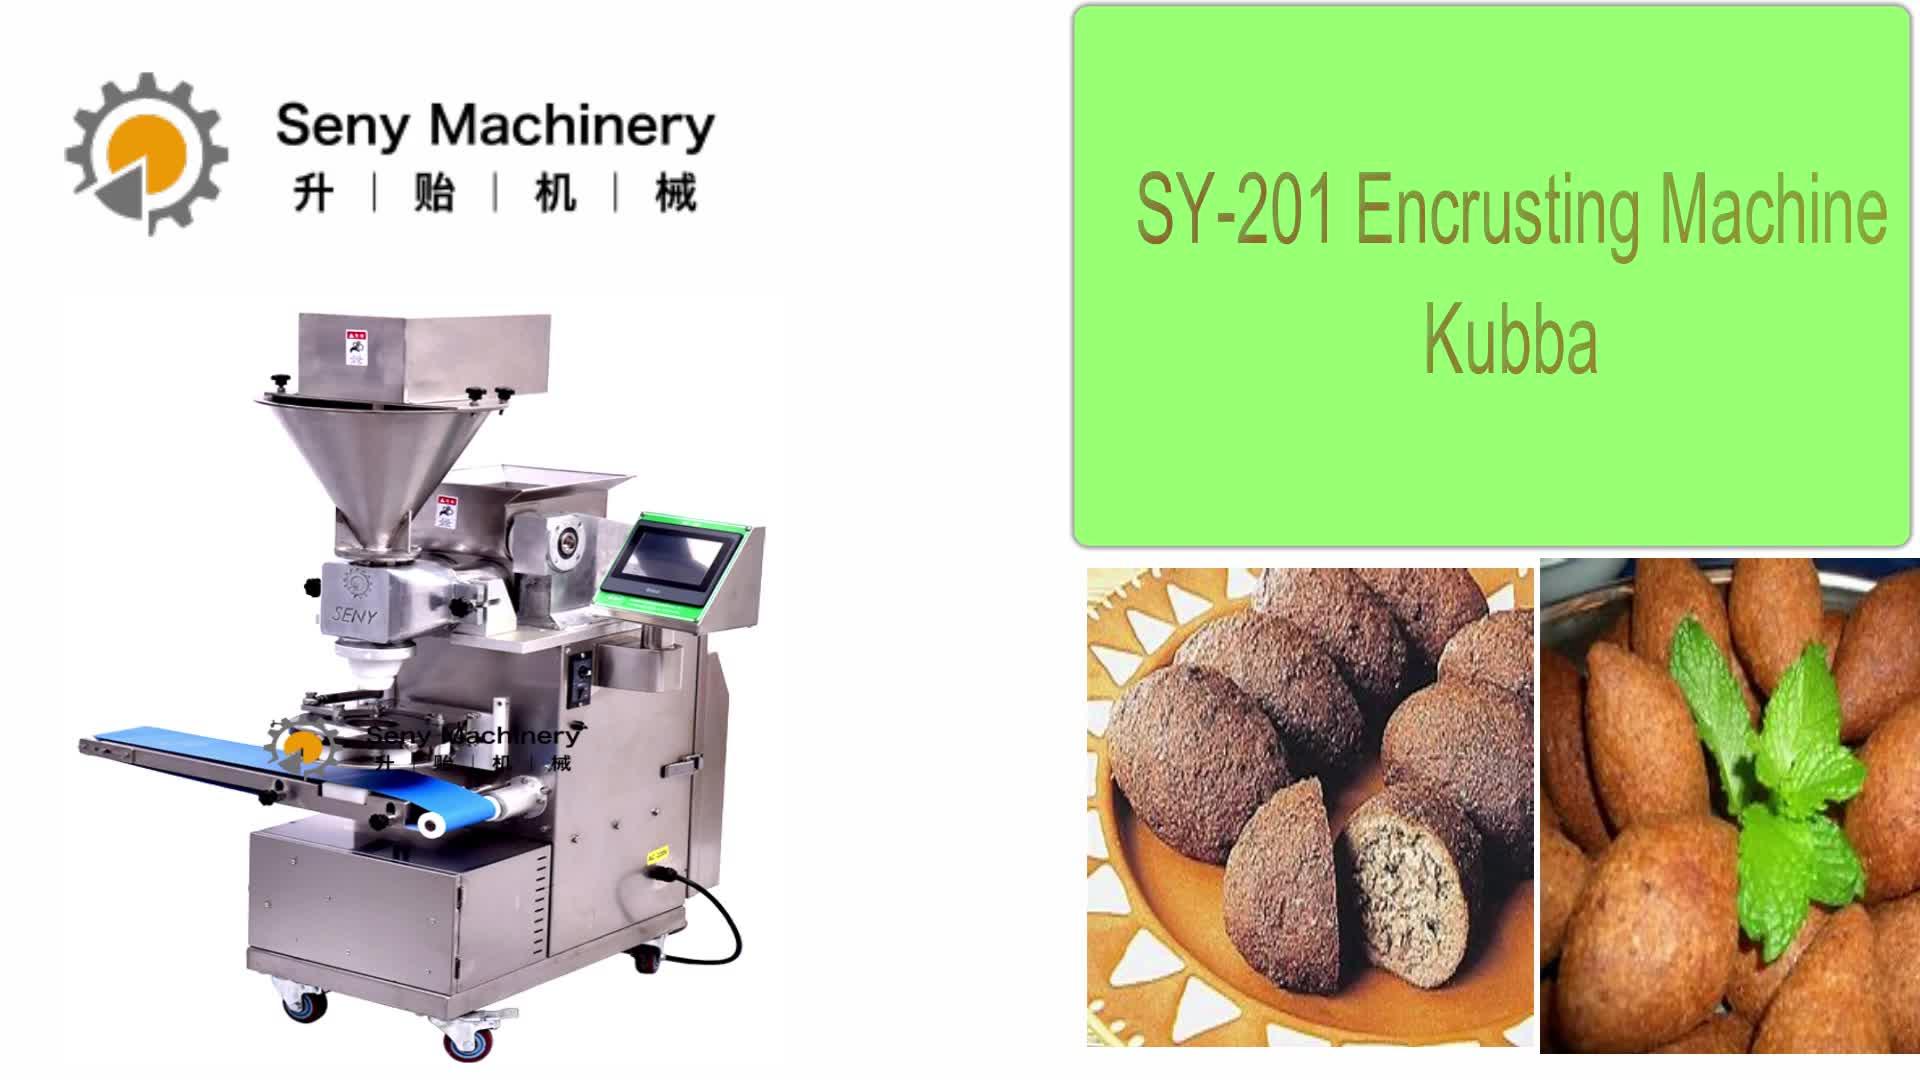 Máquina de fabricação kubba cheia de SY-201-X da fábrica da china fabricante de kubba fabricante de mochi